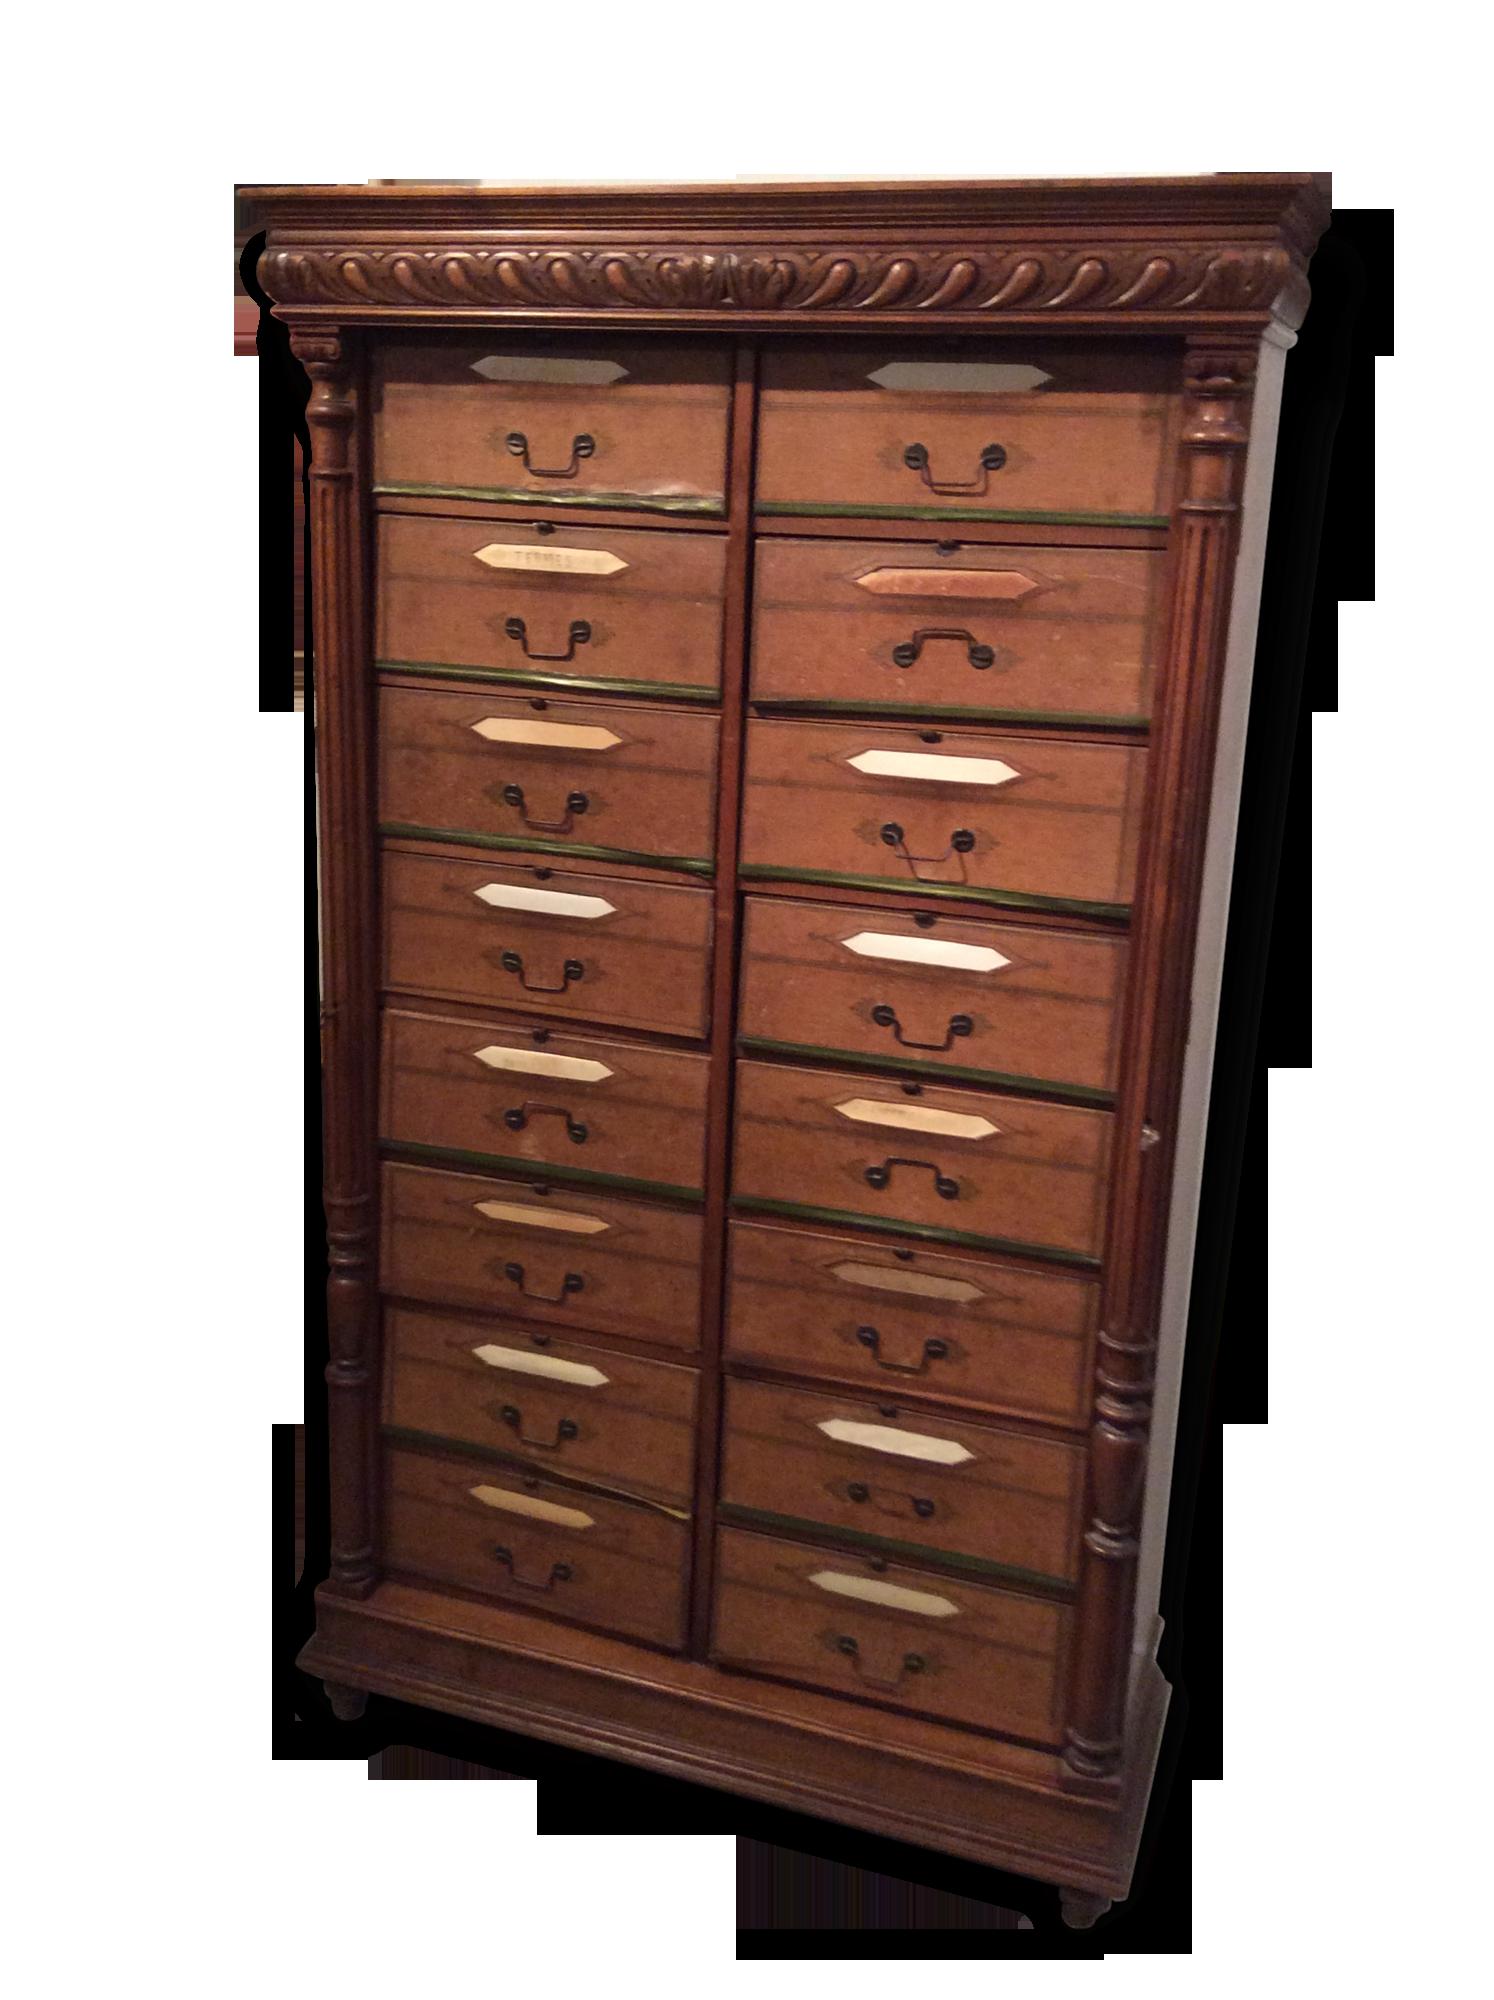 Cartonnier ou meuble de notaire bois matériau vintage